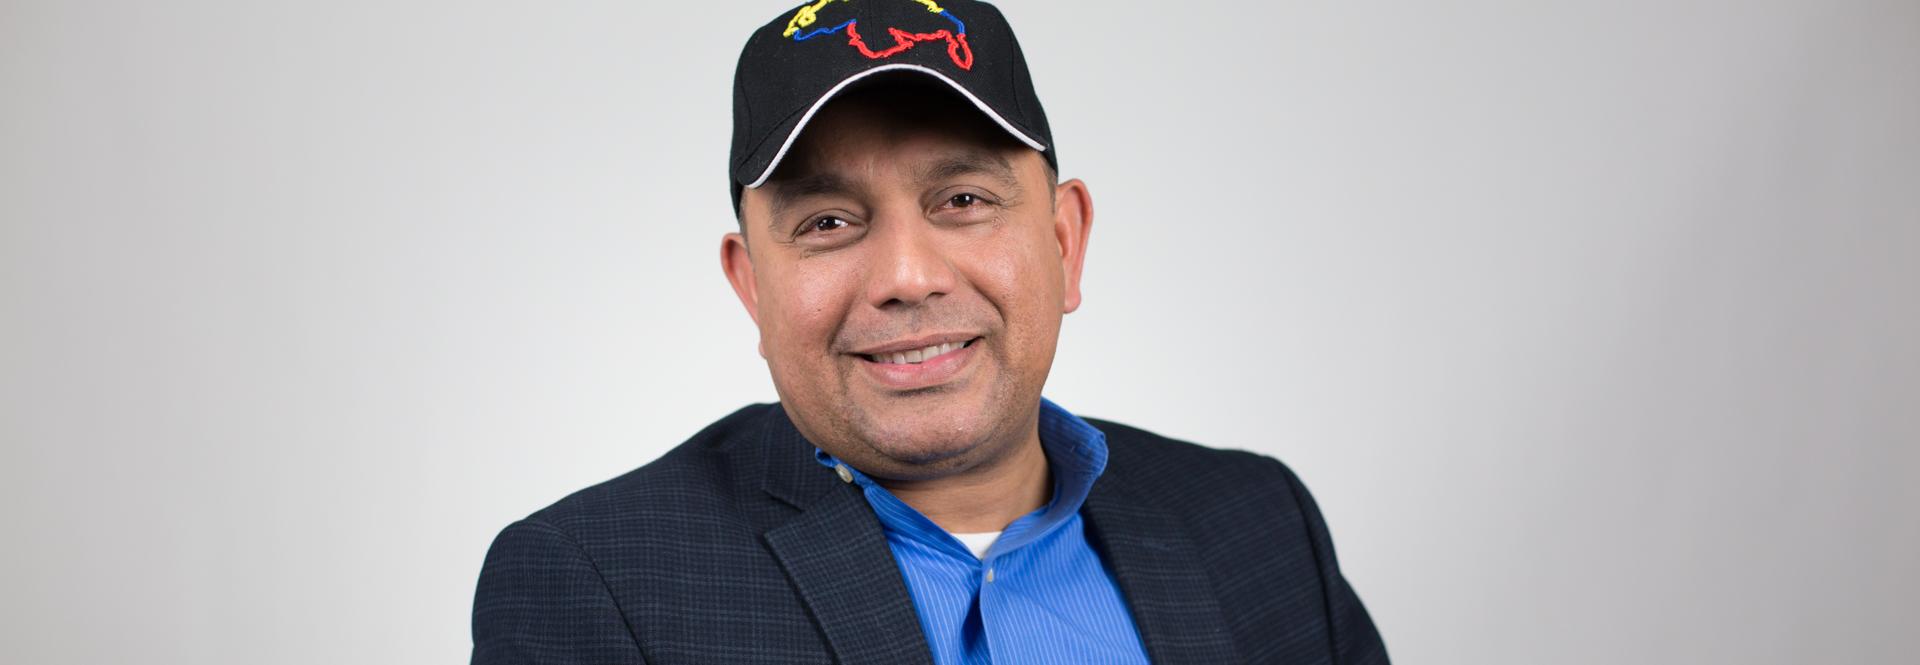 Emiluo Buitrago. Casa de Venezuela. Foto: Samantha Laub / AL DÍA News